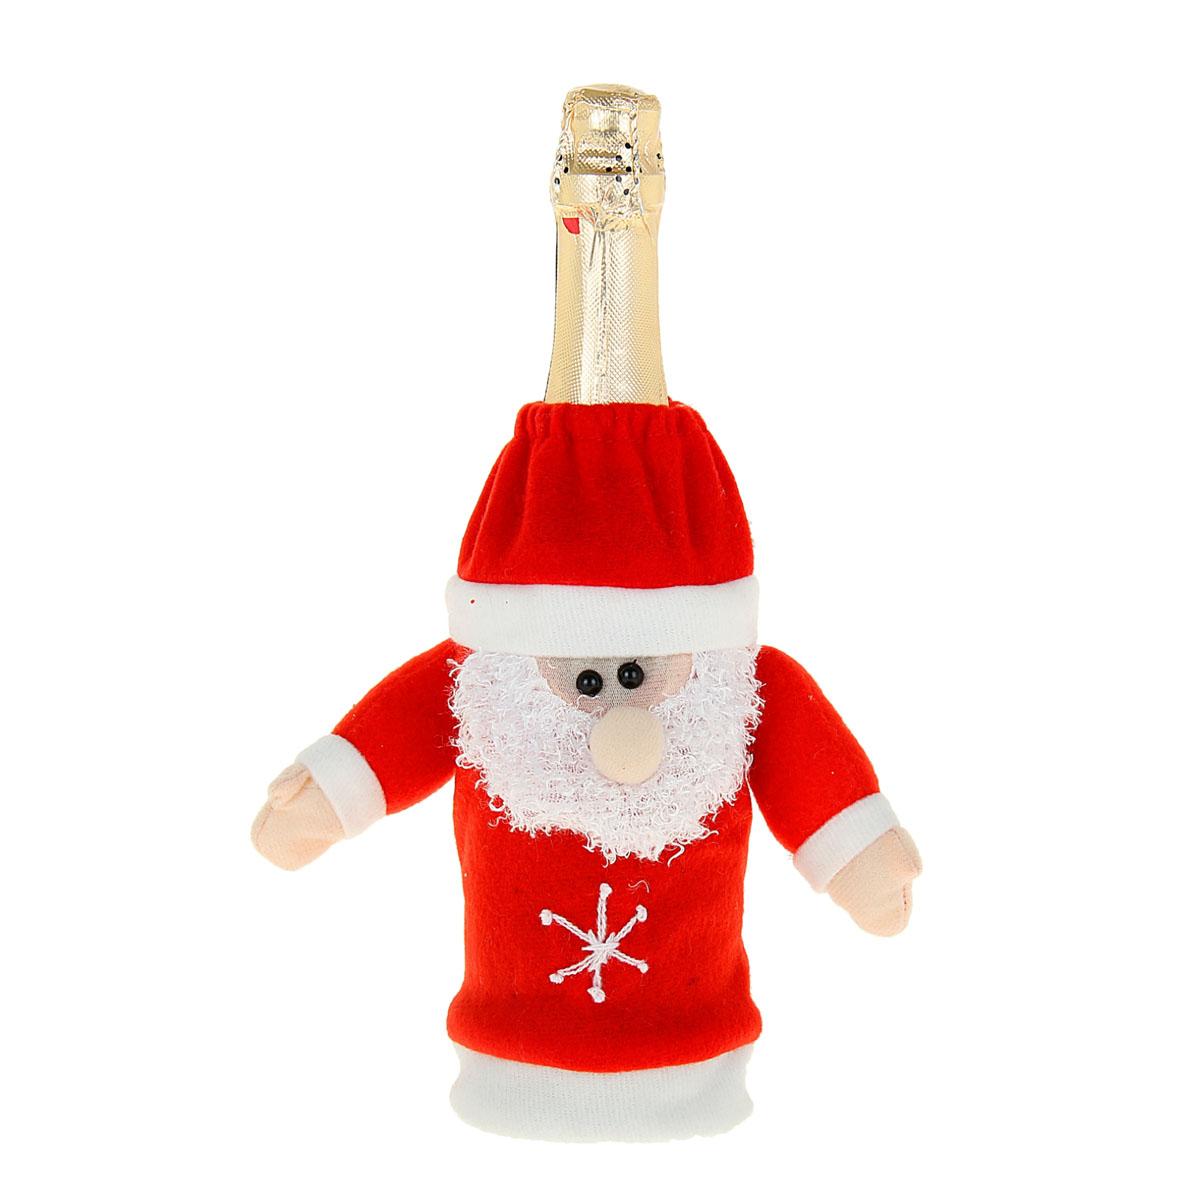 Новогодний чехол на бутылку Sima-land Дед Мороз, цвет: красный, белый. 333463333463Новогодний чехол на бутылку Sima-land Дед Мороз послужит оригинальным вариантом оформления бутылки вина или шампанского. Чехол выполнен из текстиля в виде Деда Мороза. Благодаря такому чехлу даже обычное шампанское превратится в приятный презент.Размер чехла (без учета рук): 14 см х 23 см.